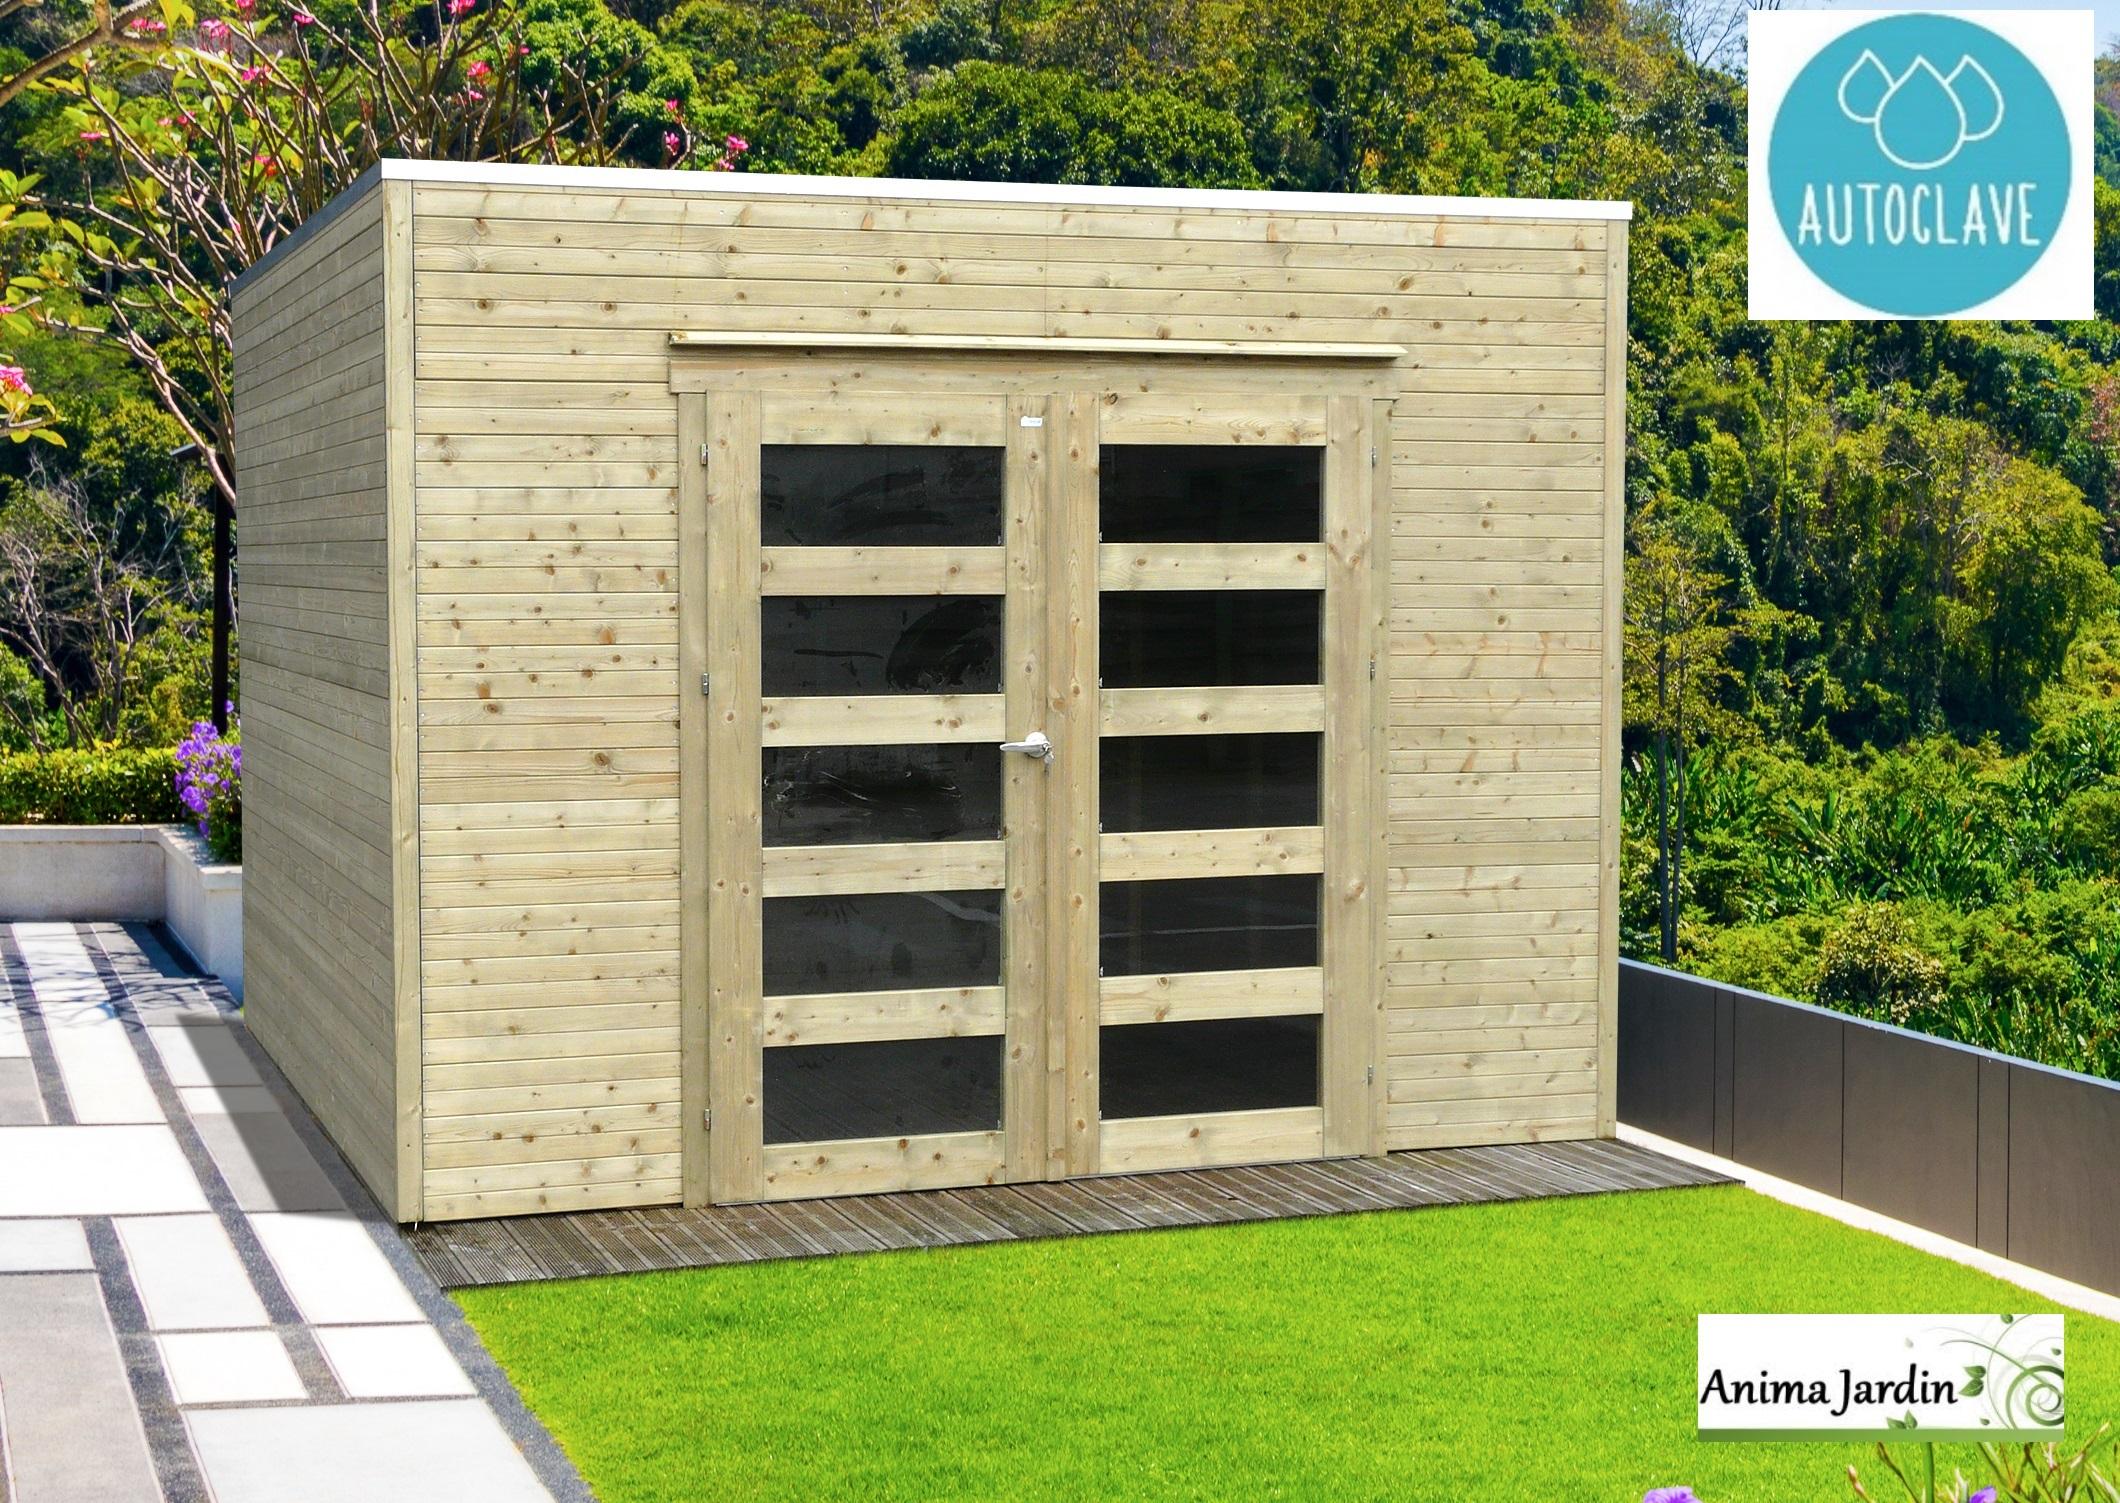 Abri De Jardin En Bois Autoclave 19Mm, Bari, 8M², Toit Plat ... tout Abri Jardin Bois Pas Cher